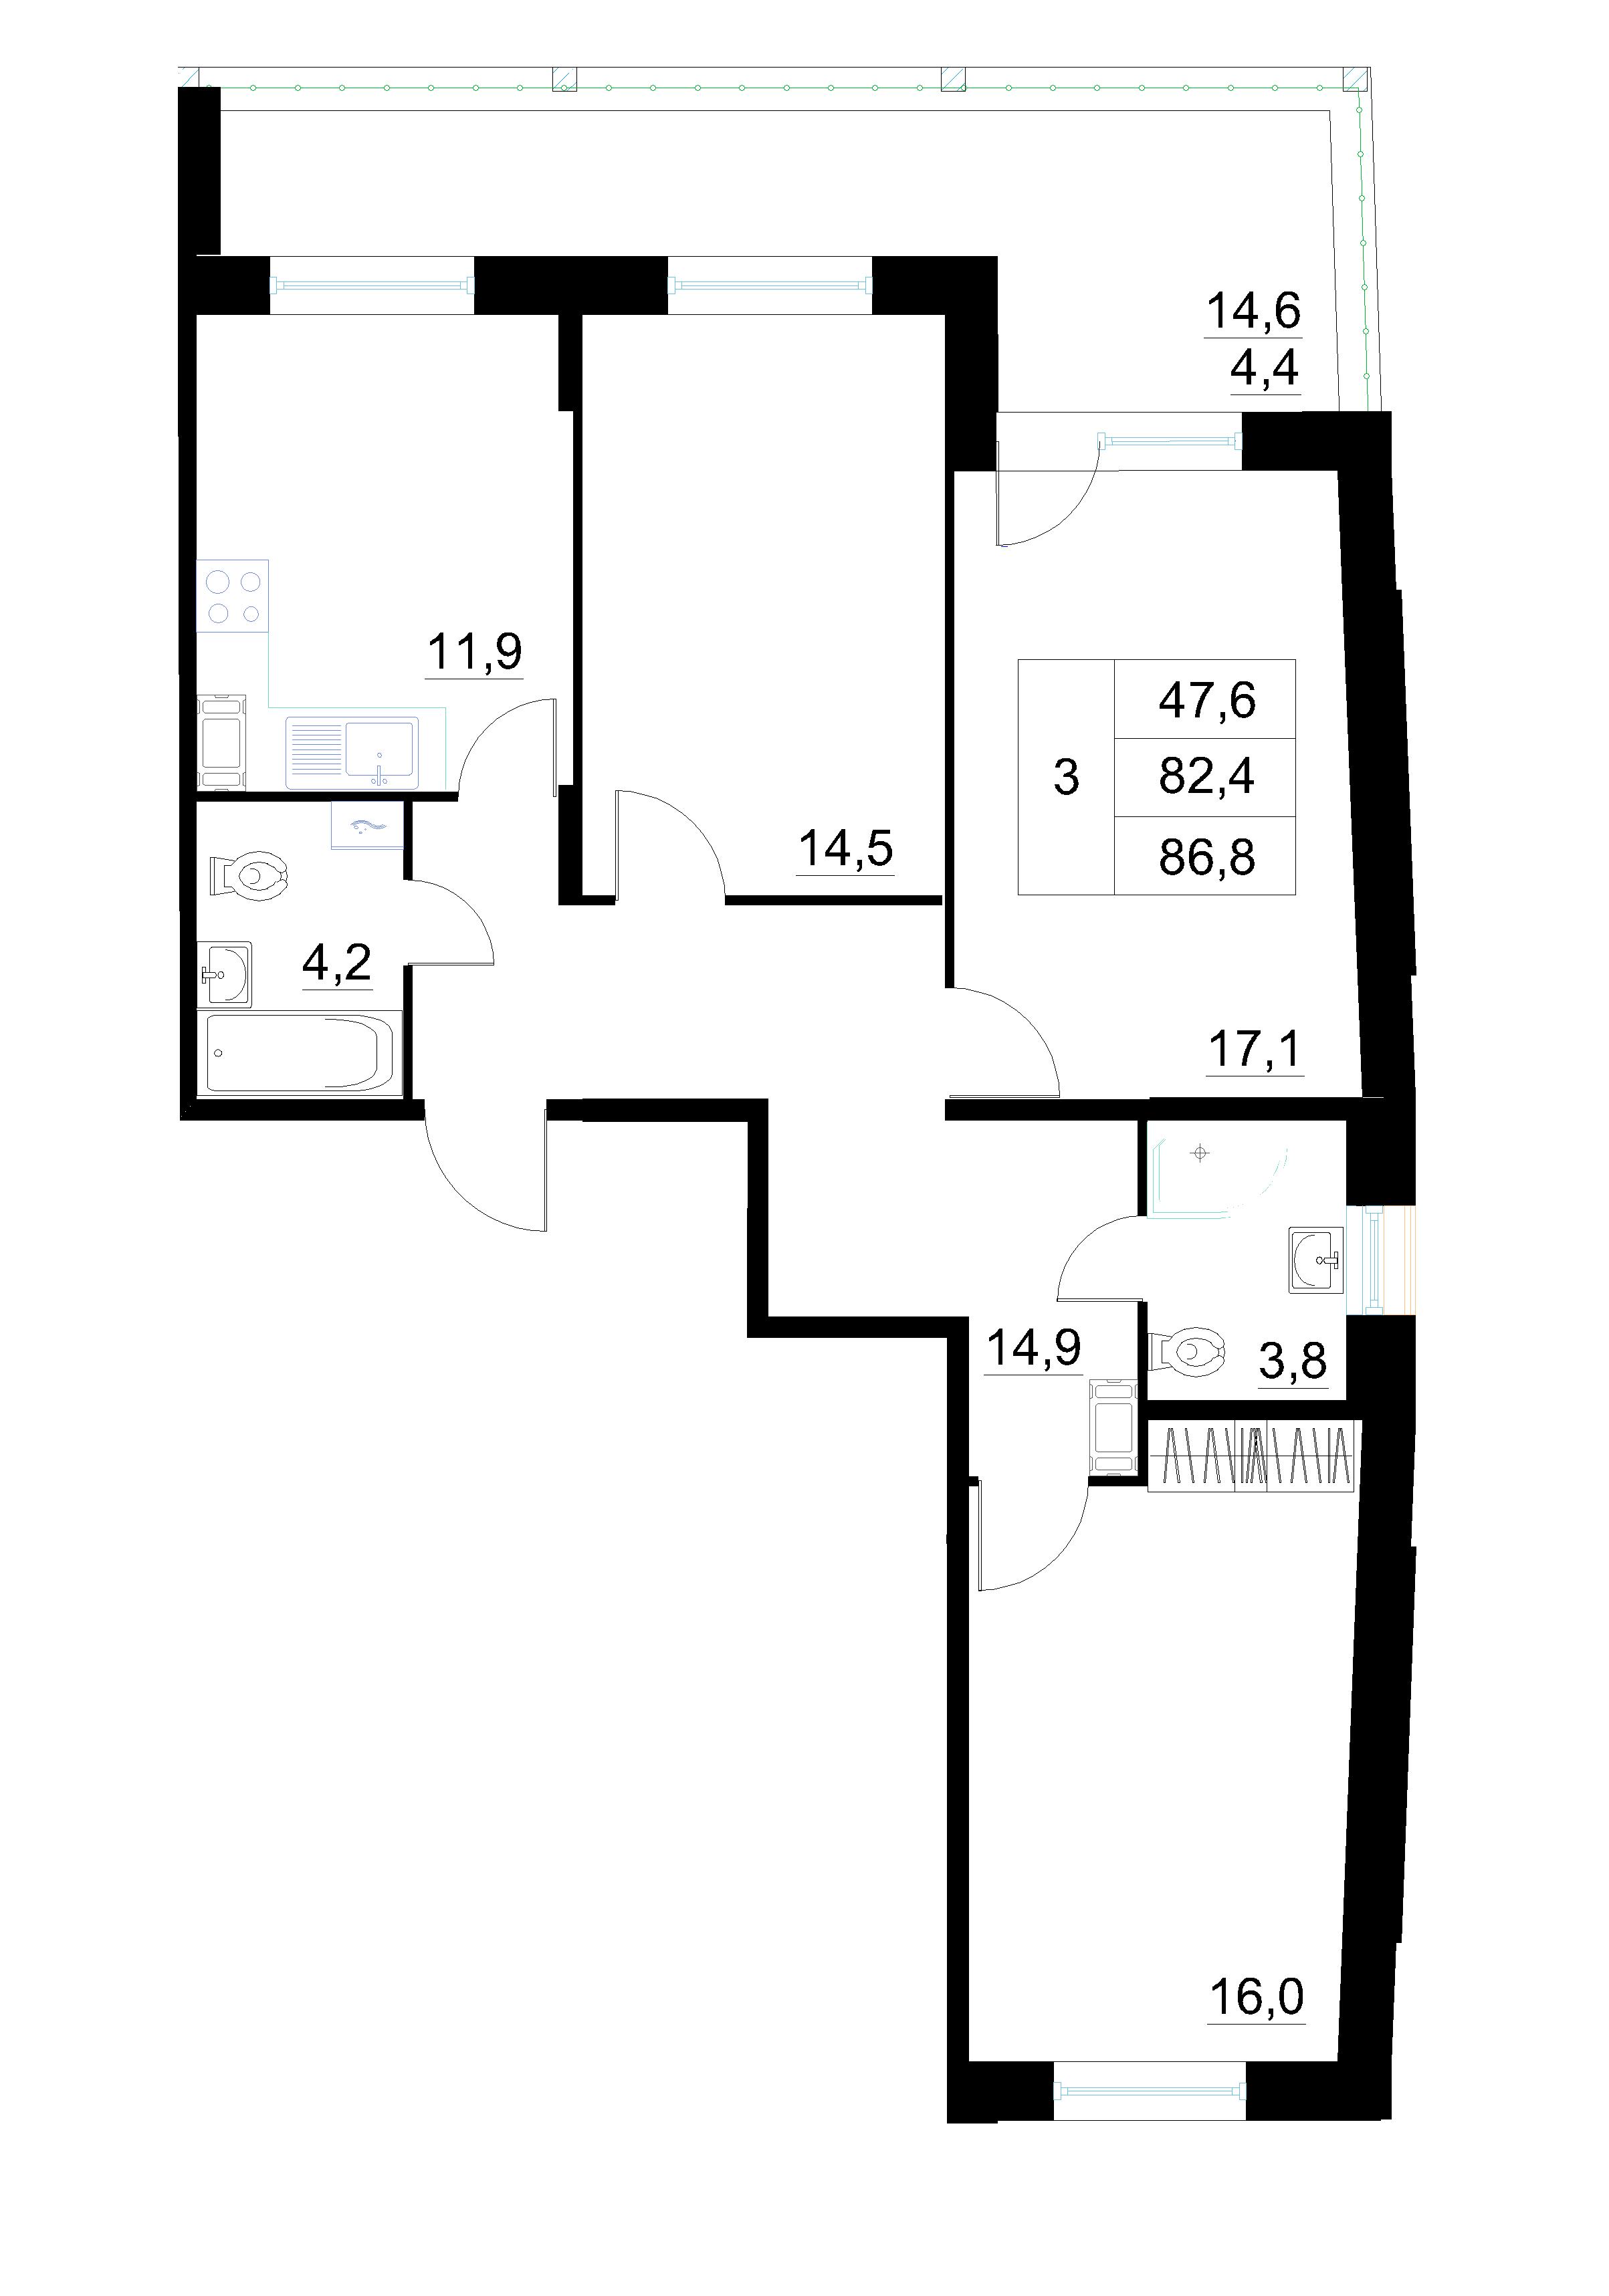 3-комнатная, 86.8 м²– 2